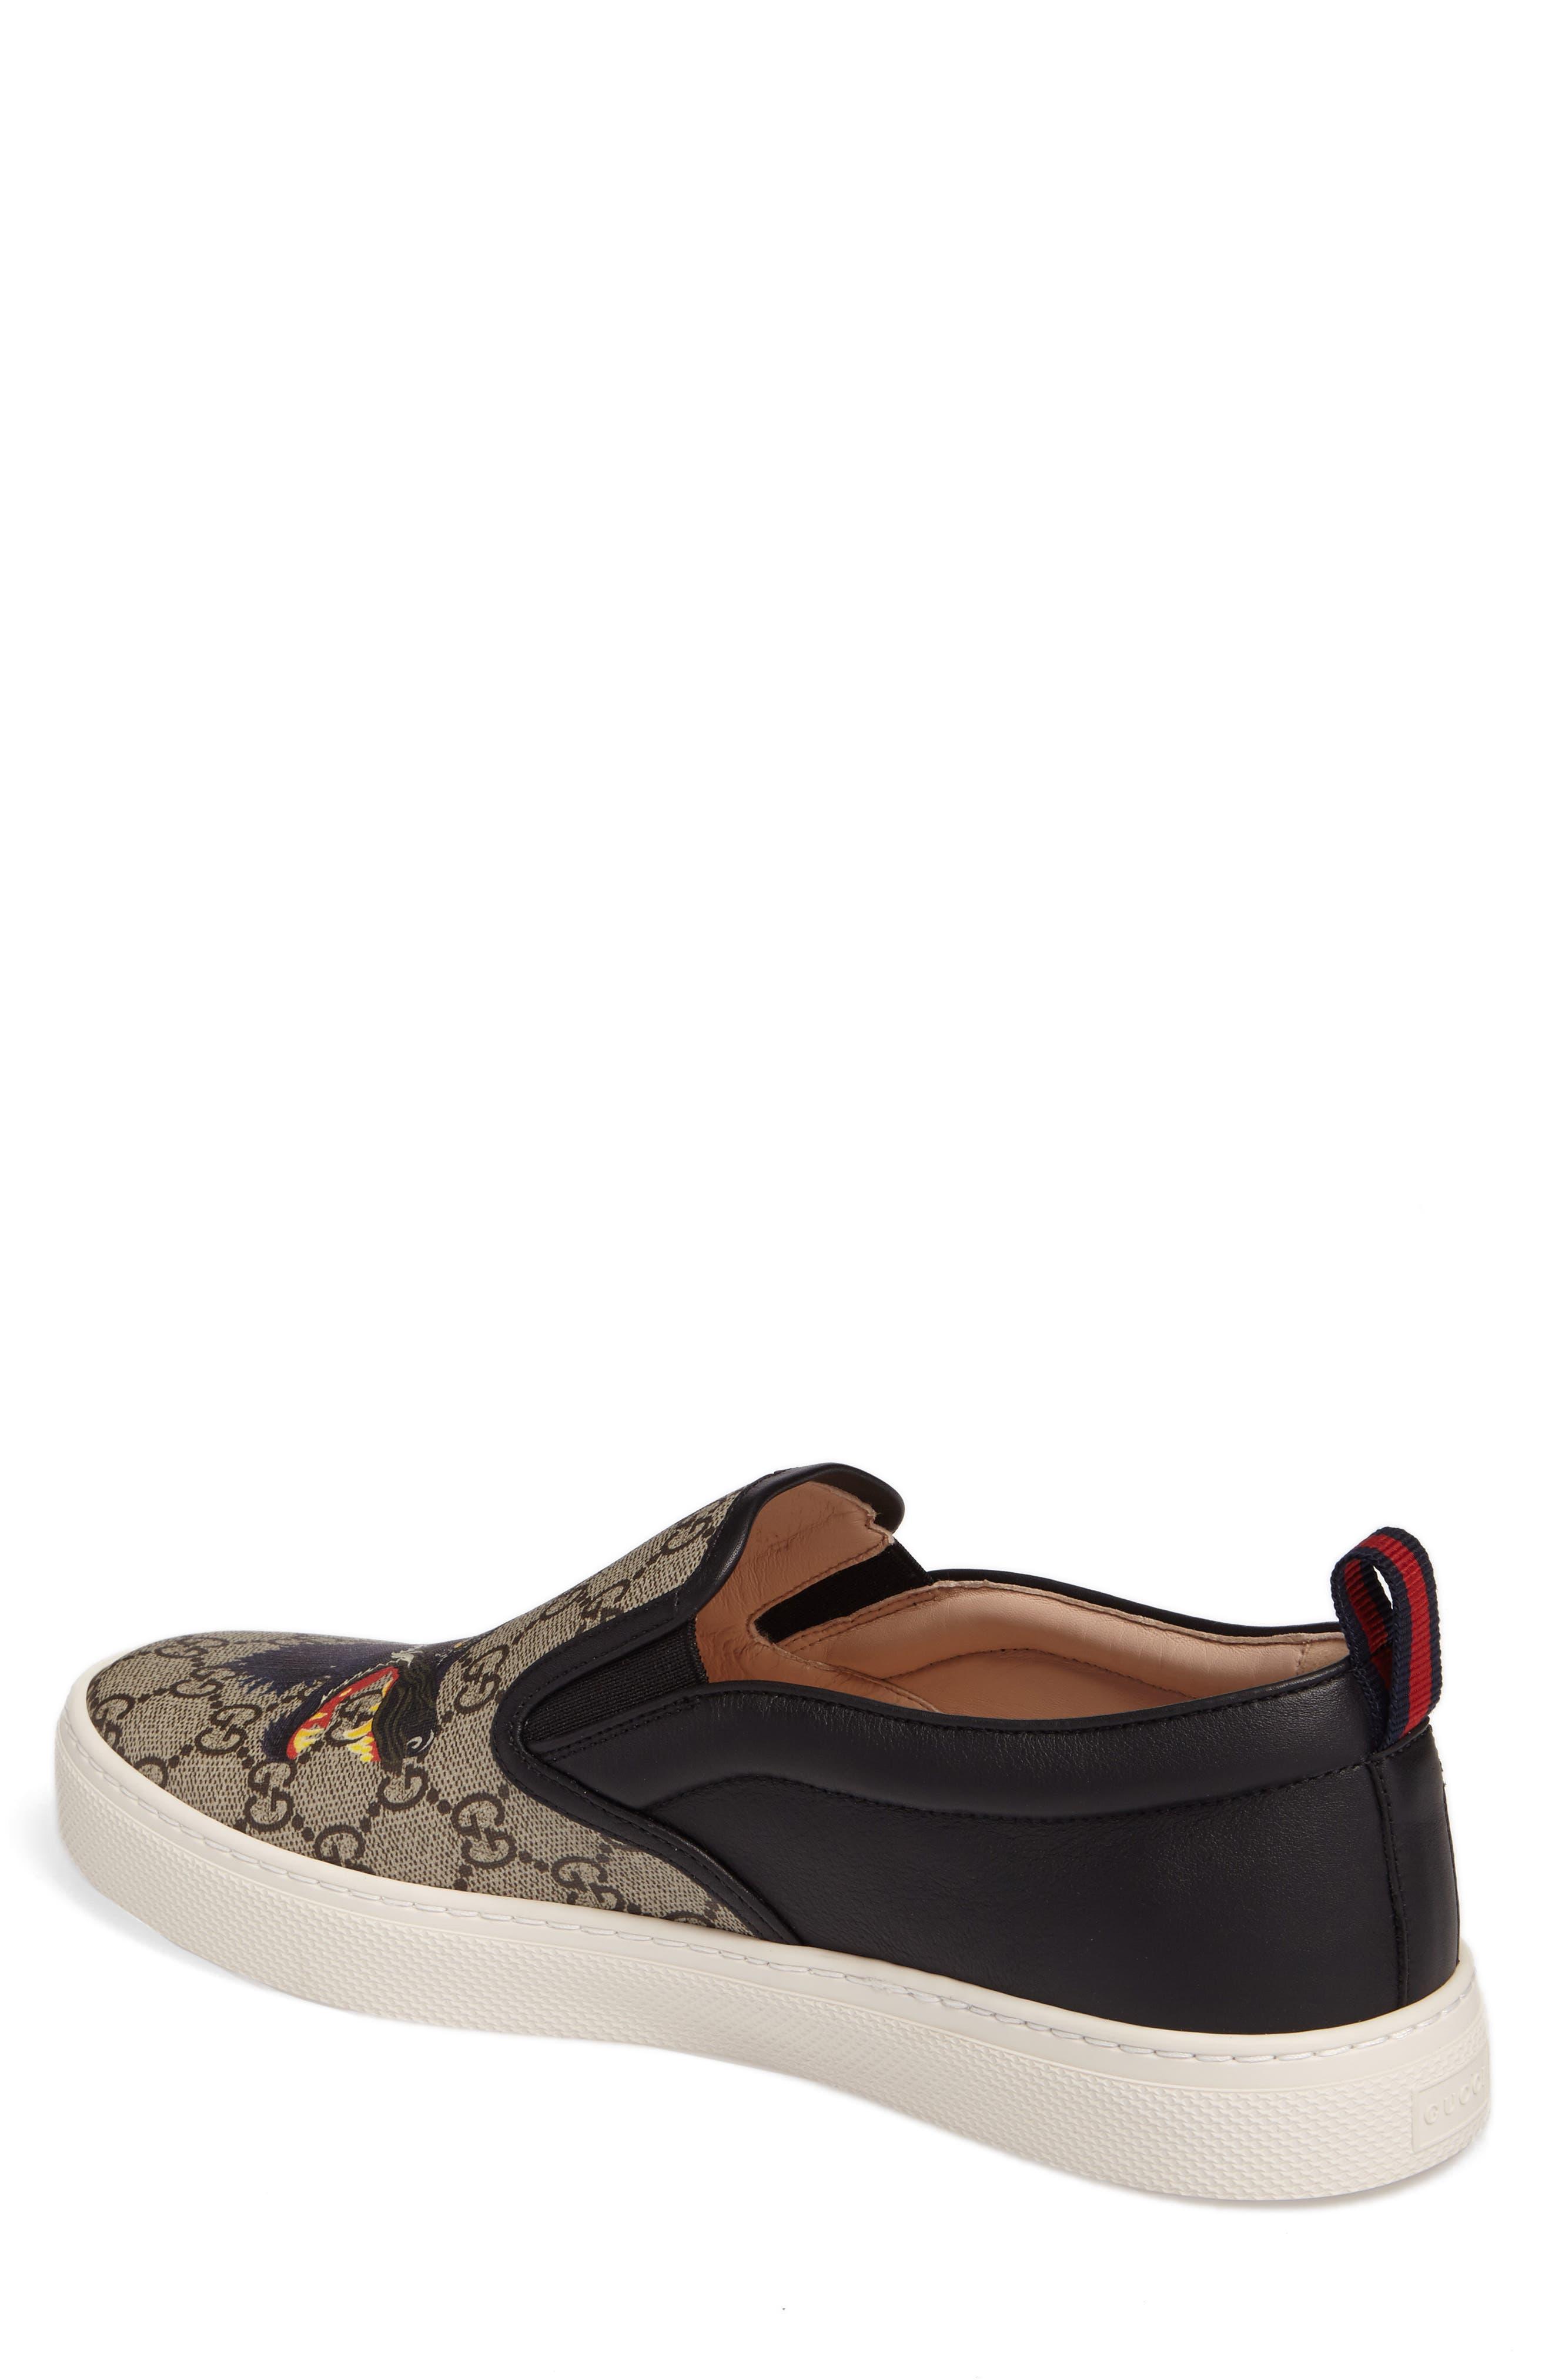 Wolf GG Supreme Slip-On Sneaker,                             Alternate thumbnail 2, color,                             Beige/ Ebony